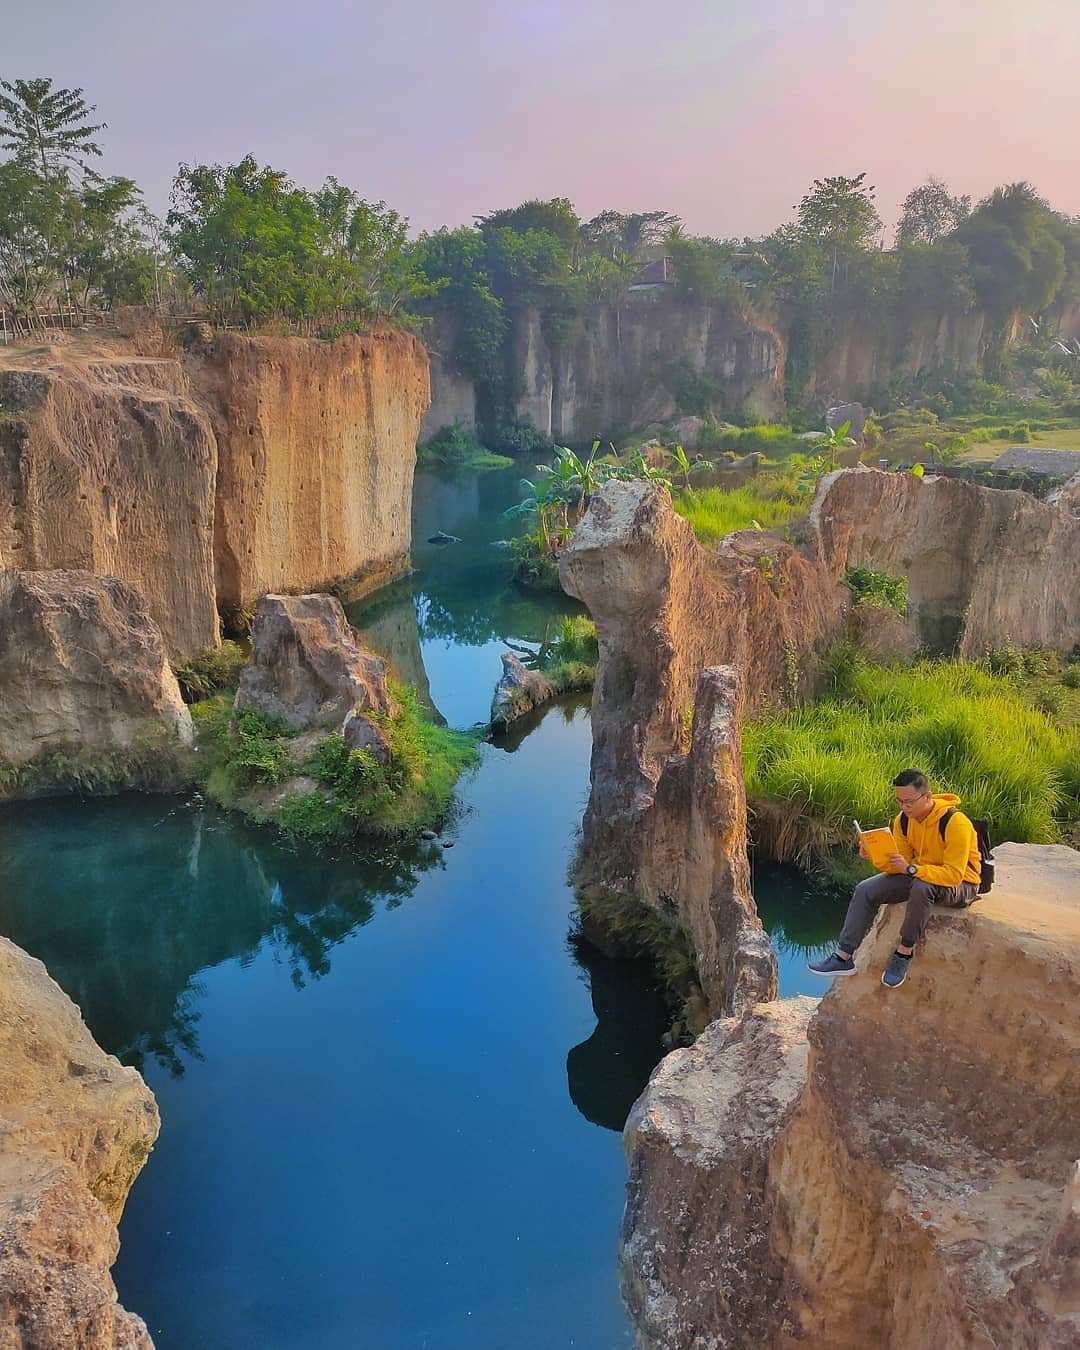 Suasana pemandangan dari atas Tebing di Tebing Koja Tanggerang, Image From @idhayhidayat